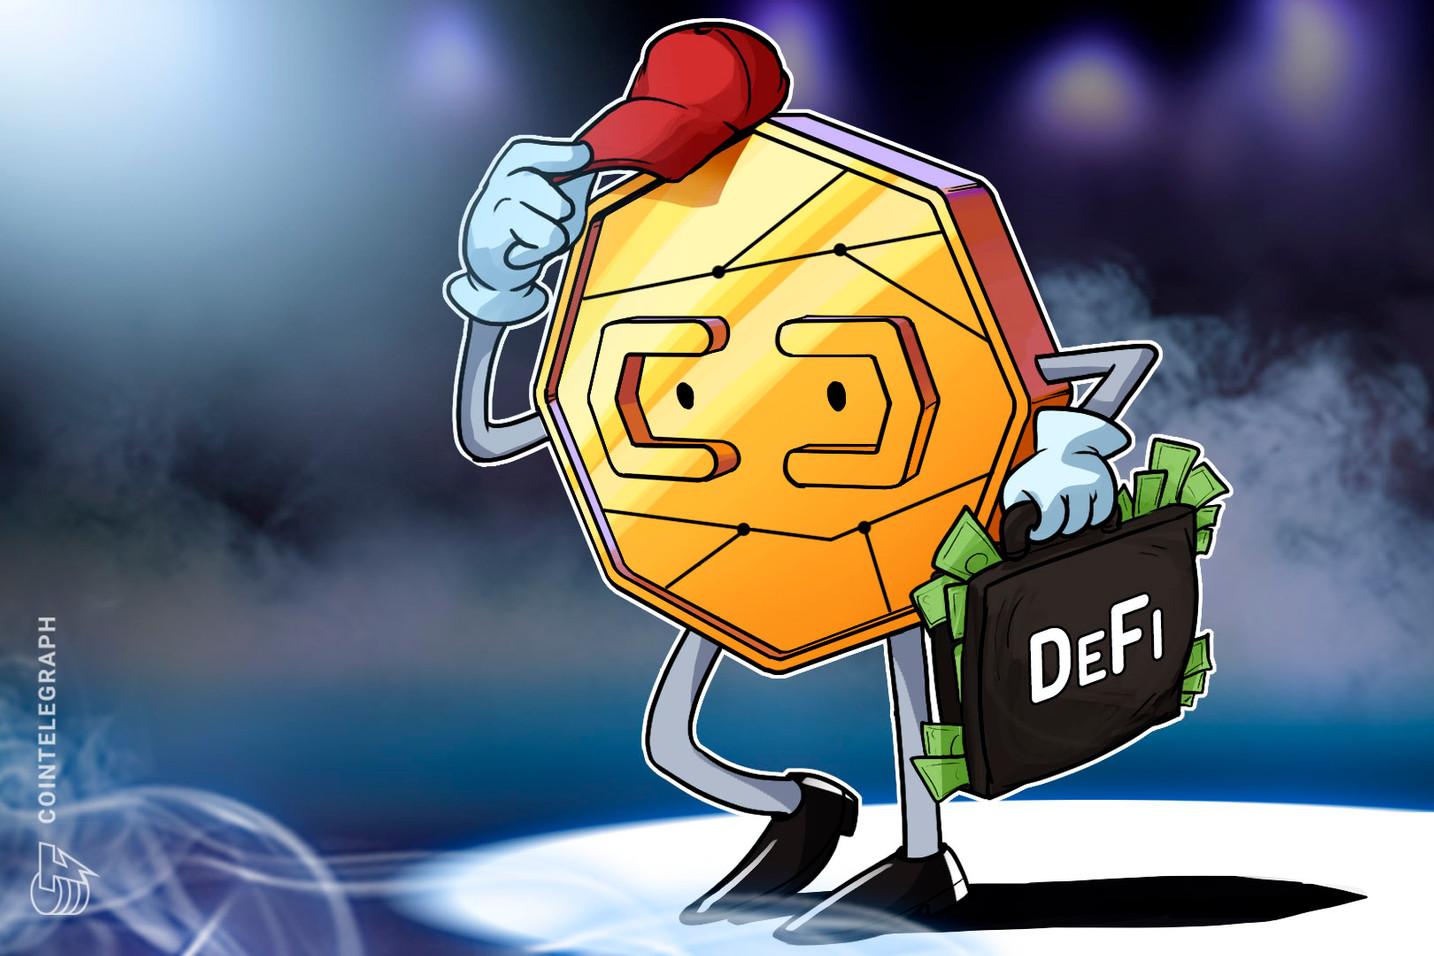 Nové futures na DeFi, ktoré umožňujú zaistenie proti ťažbe bitcoinových ťažkostí